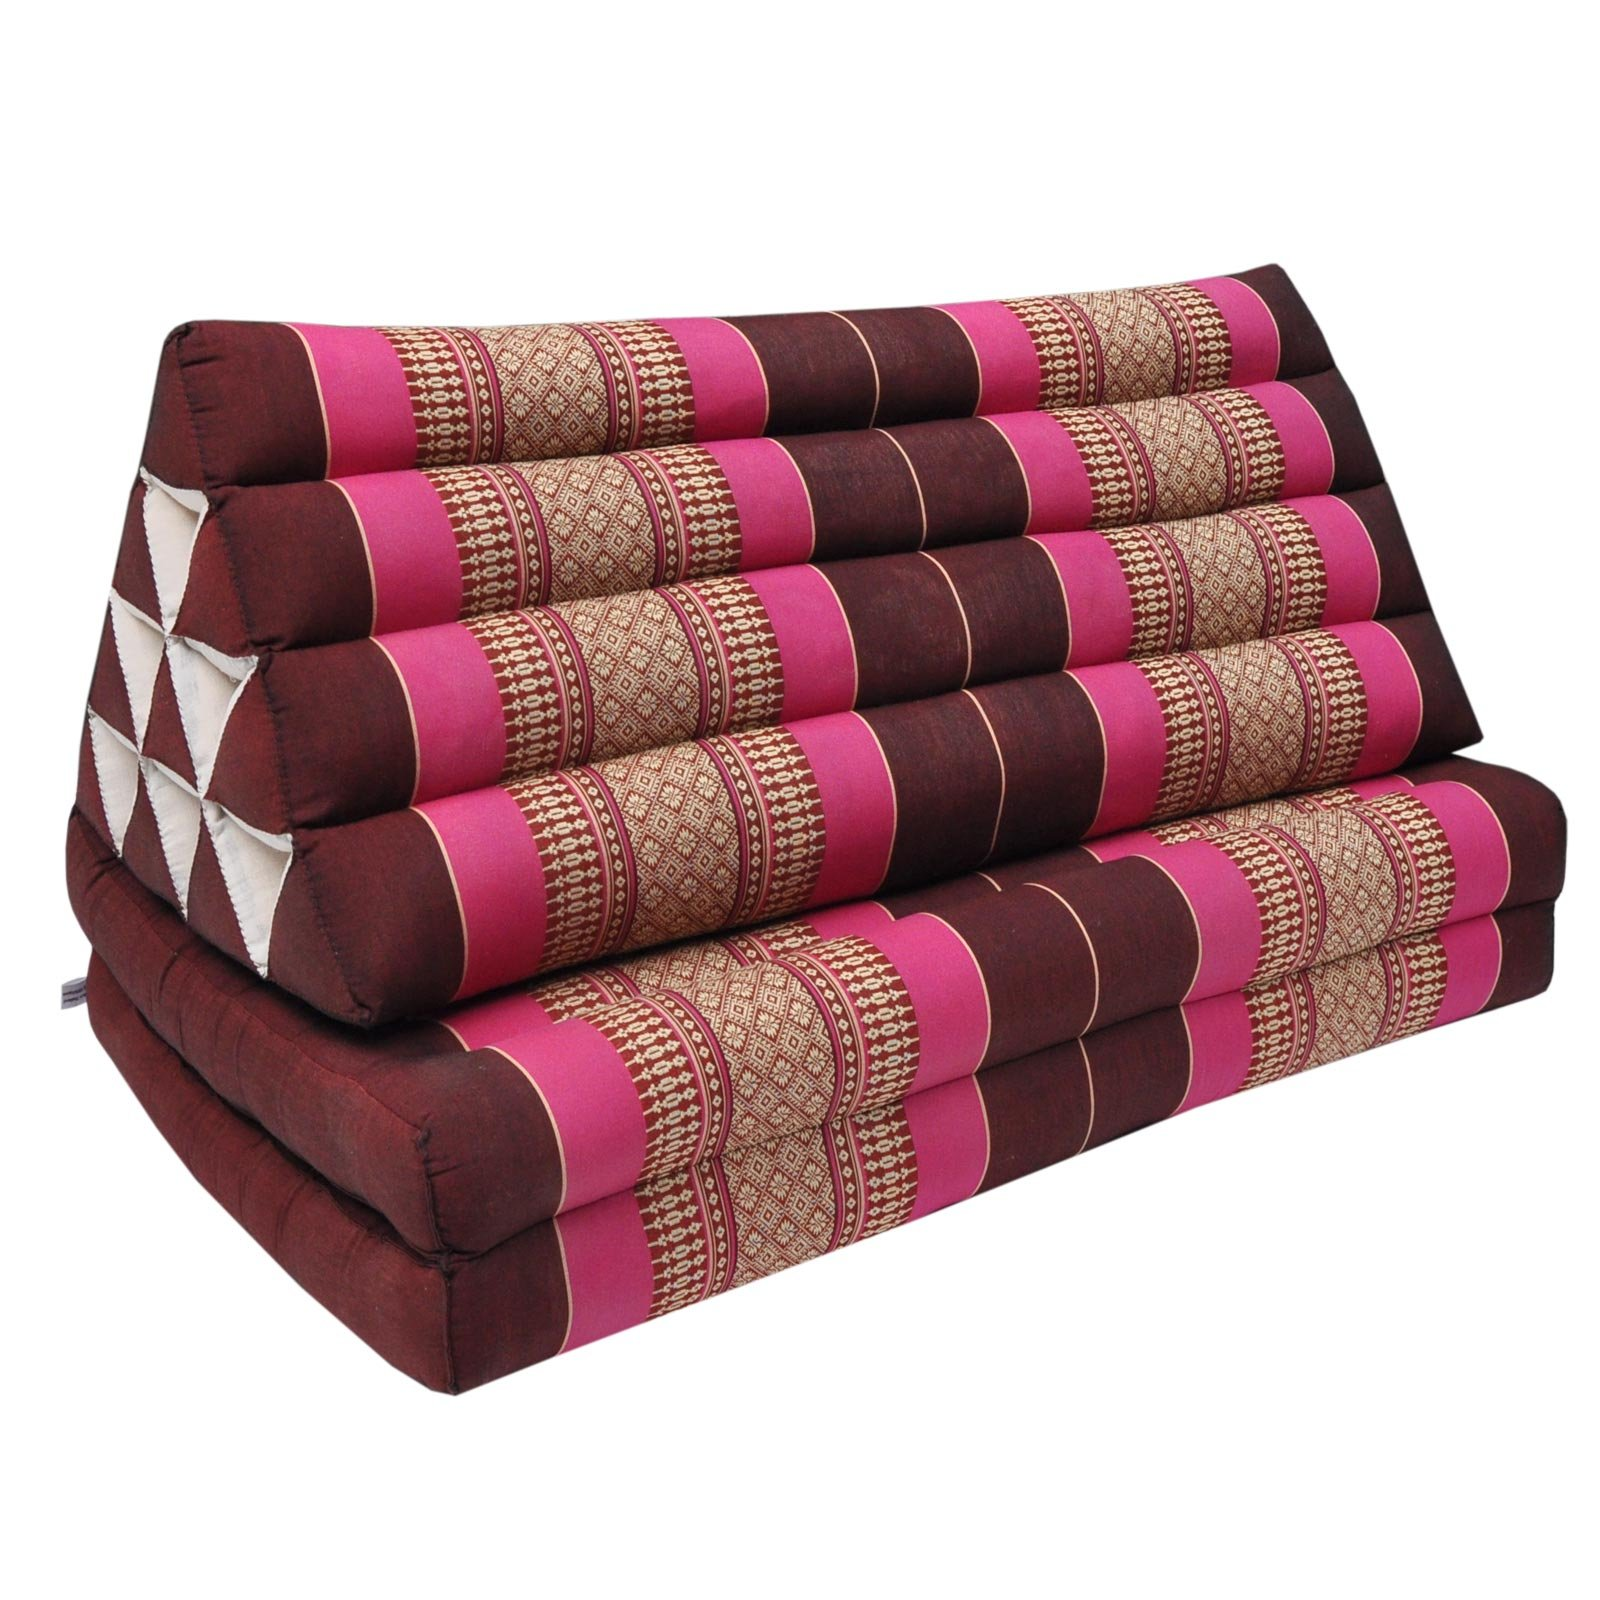 Thai cushion + mattress - Coussin Thailandais triangle XXL avec assise 2 plis, détente, matelas, kapok, fauteuil, canapé, jardin, plage Bordeaux/Pink (81417) by Wilai GmbH